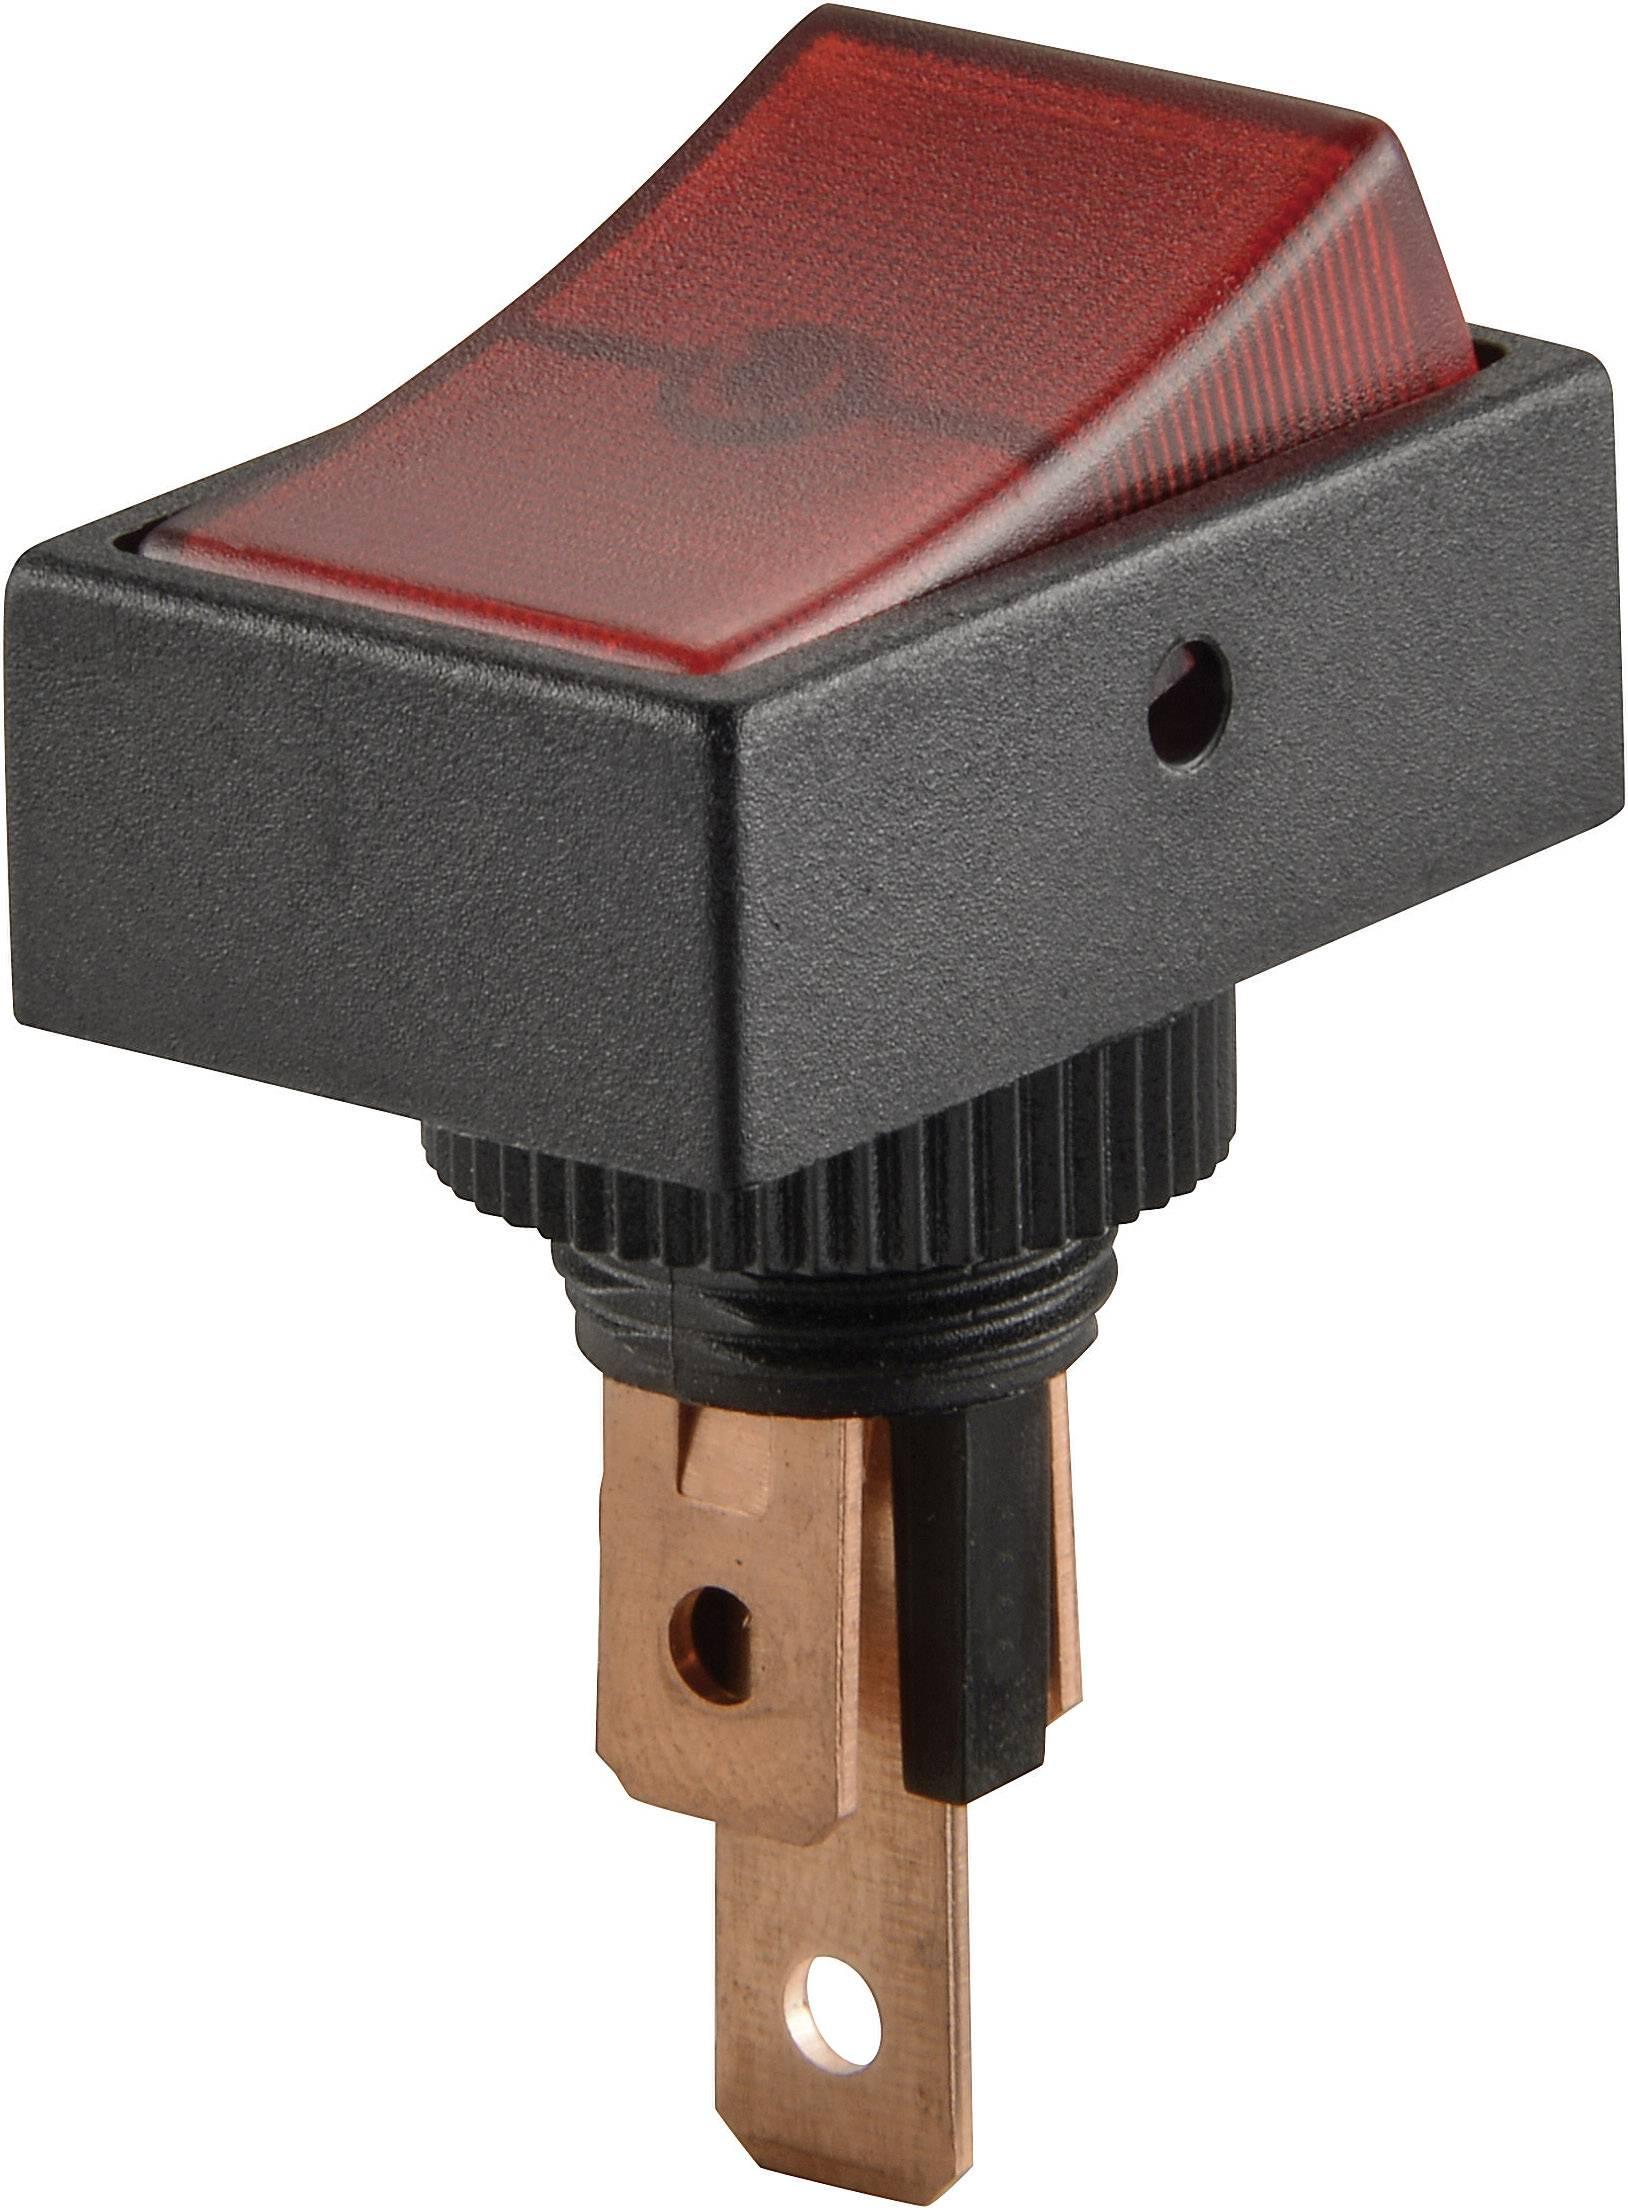 Kolískový spínač do auta SCI R13-207B2-SQ RED, 12 V/DC, 20 A, s aretáciou, 1 ks